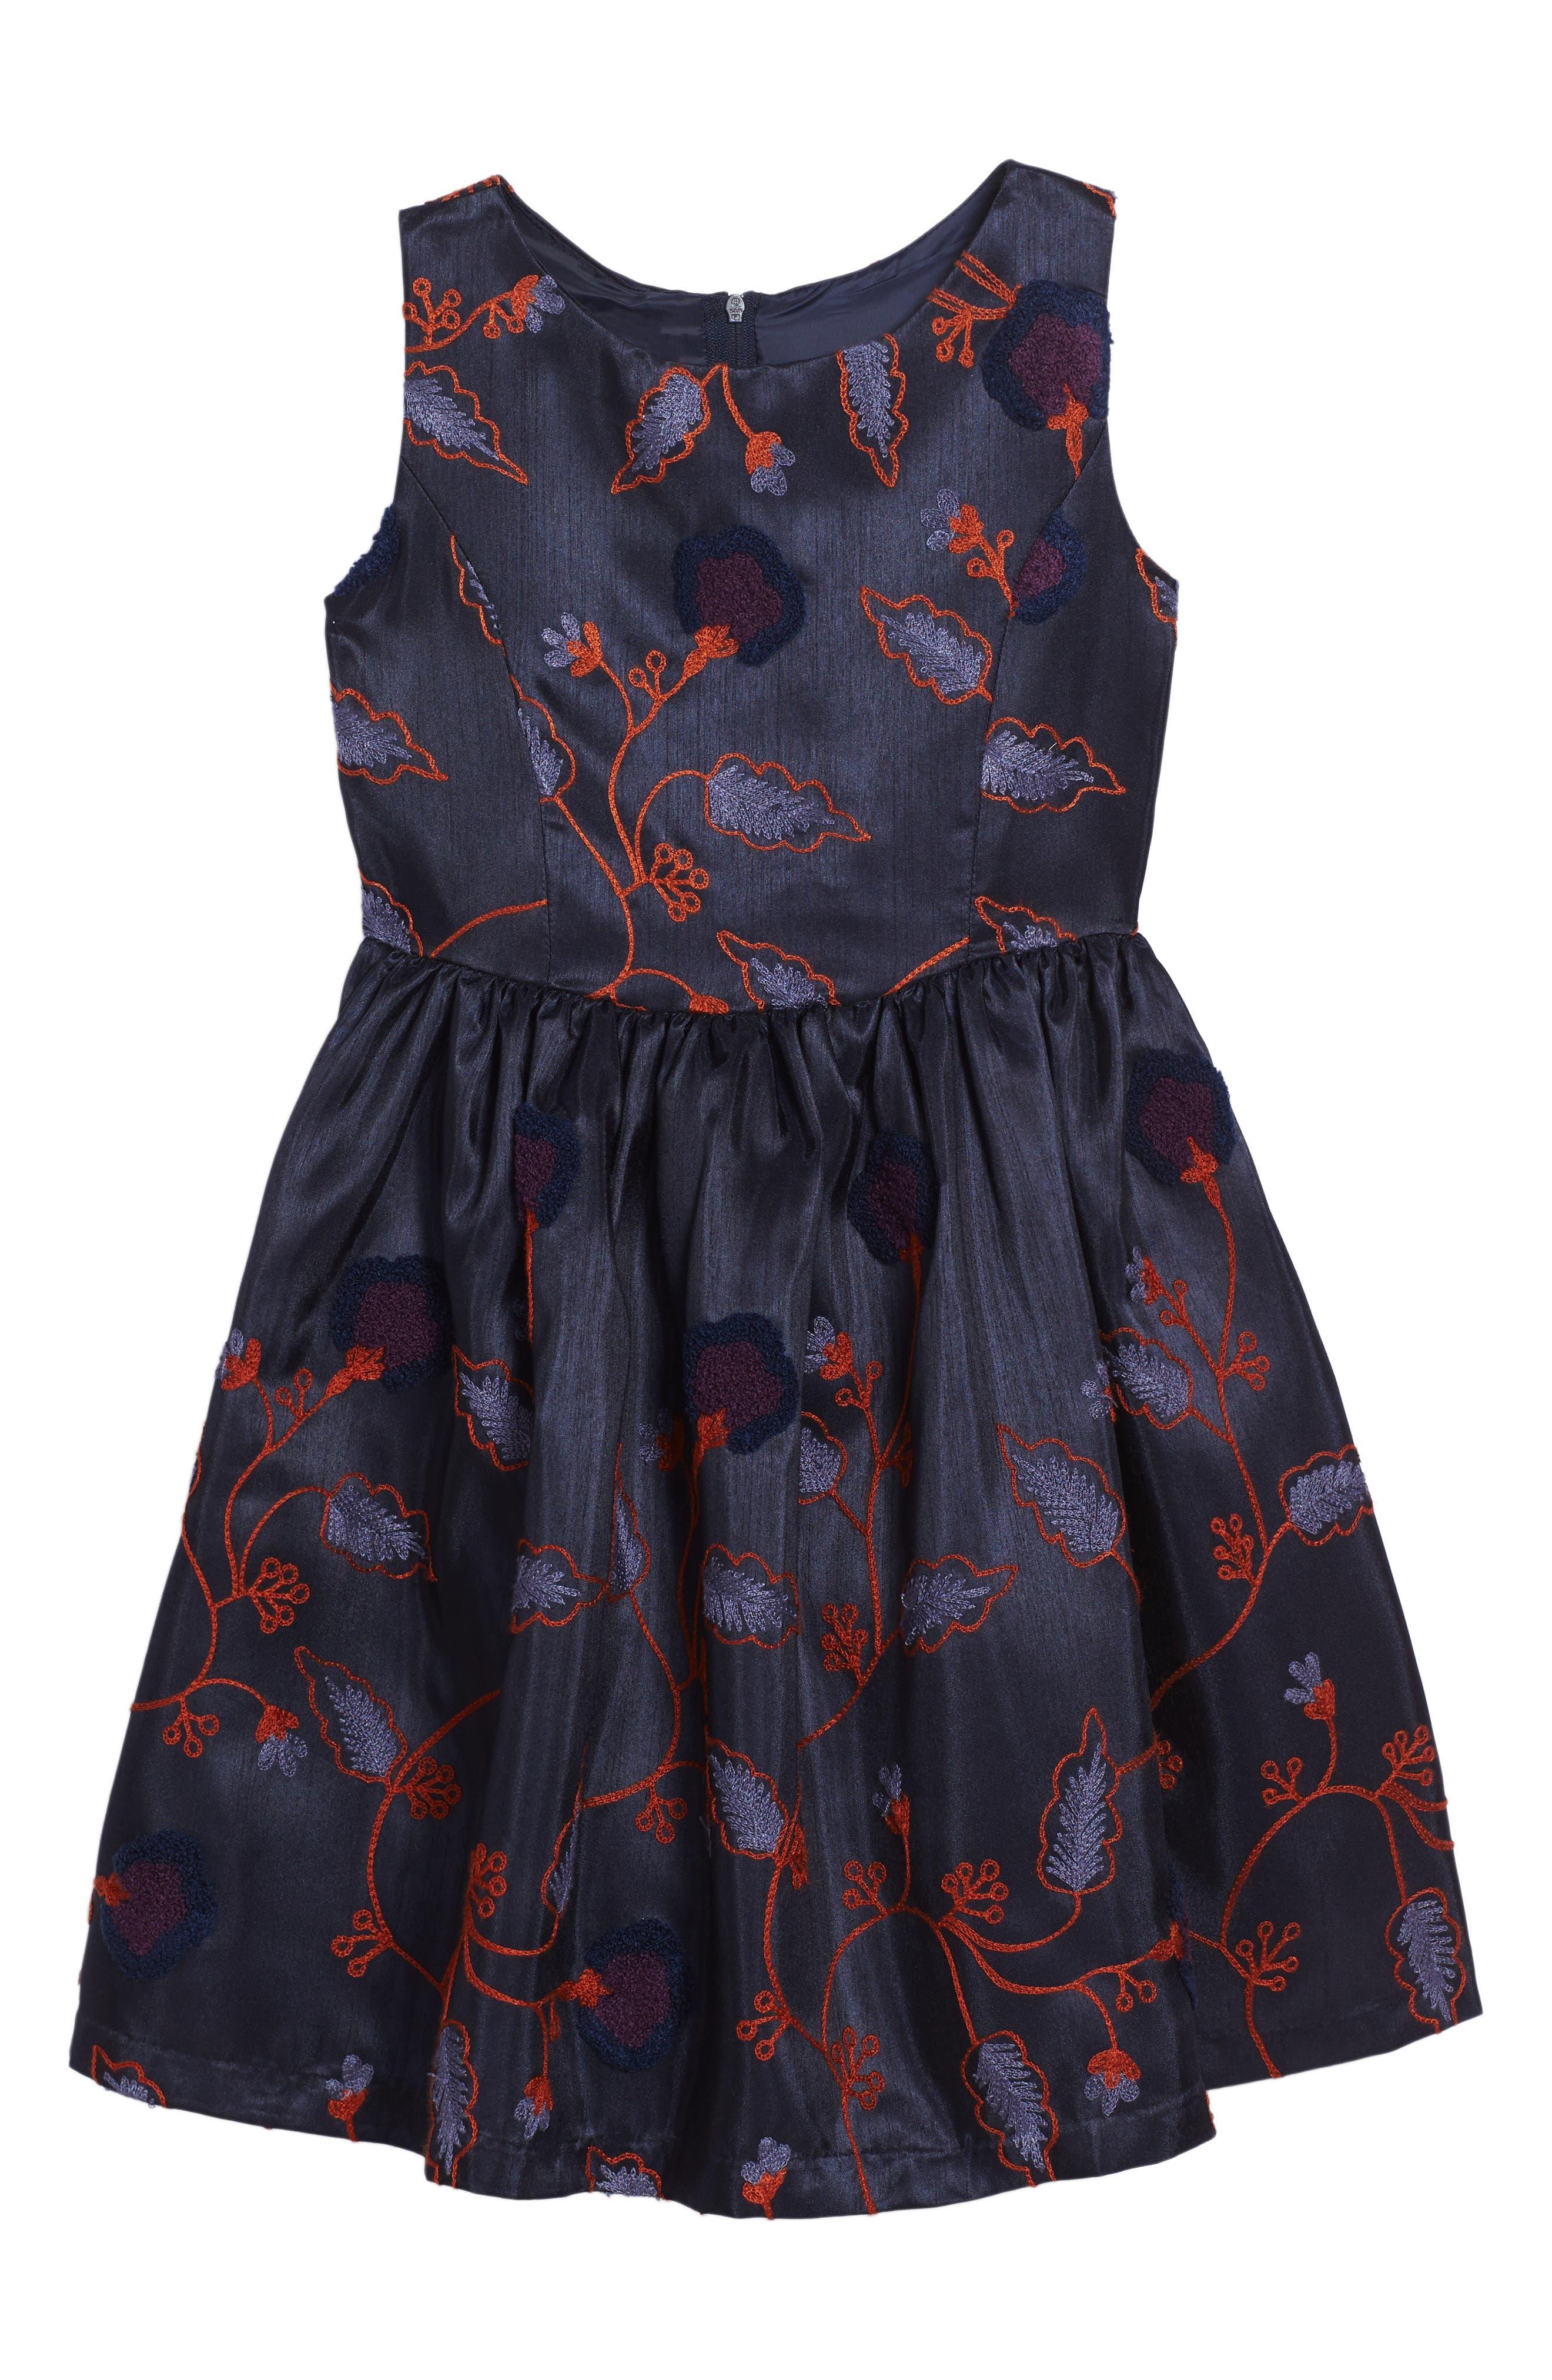 Alternate Image 1 Selected - Frais Embroidered Floral Dress (Toddler Girls, Little Girls & Big Girls)